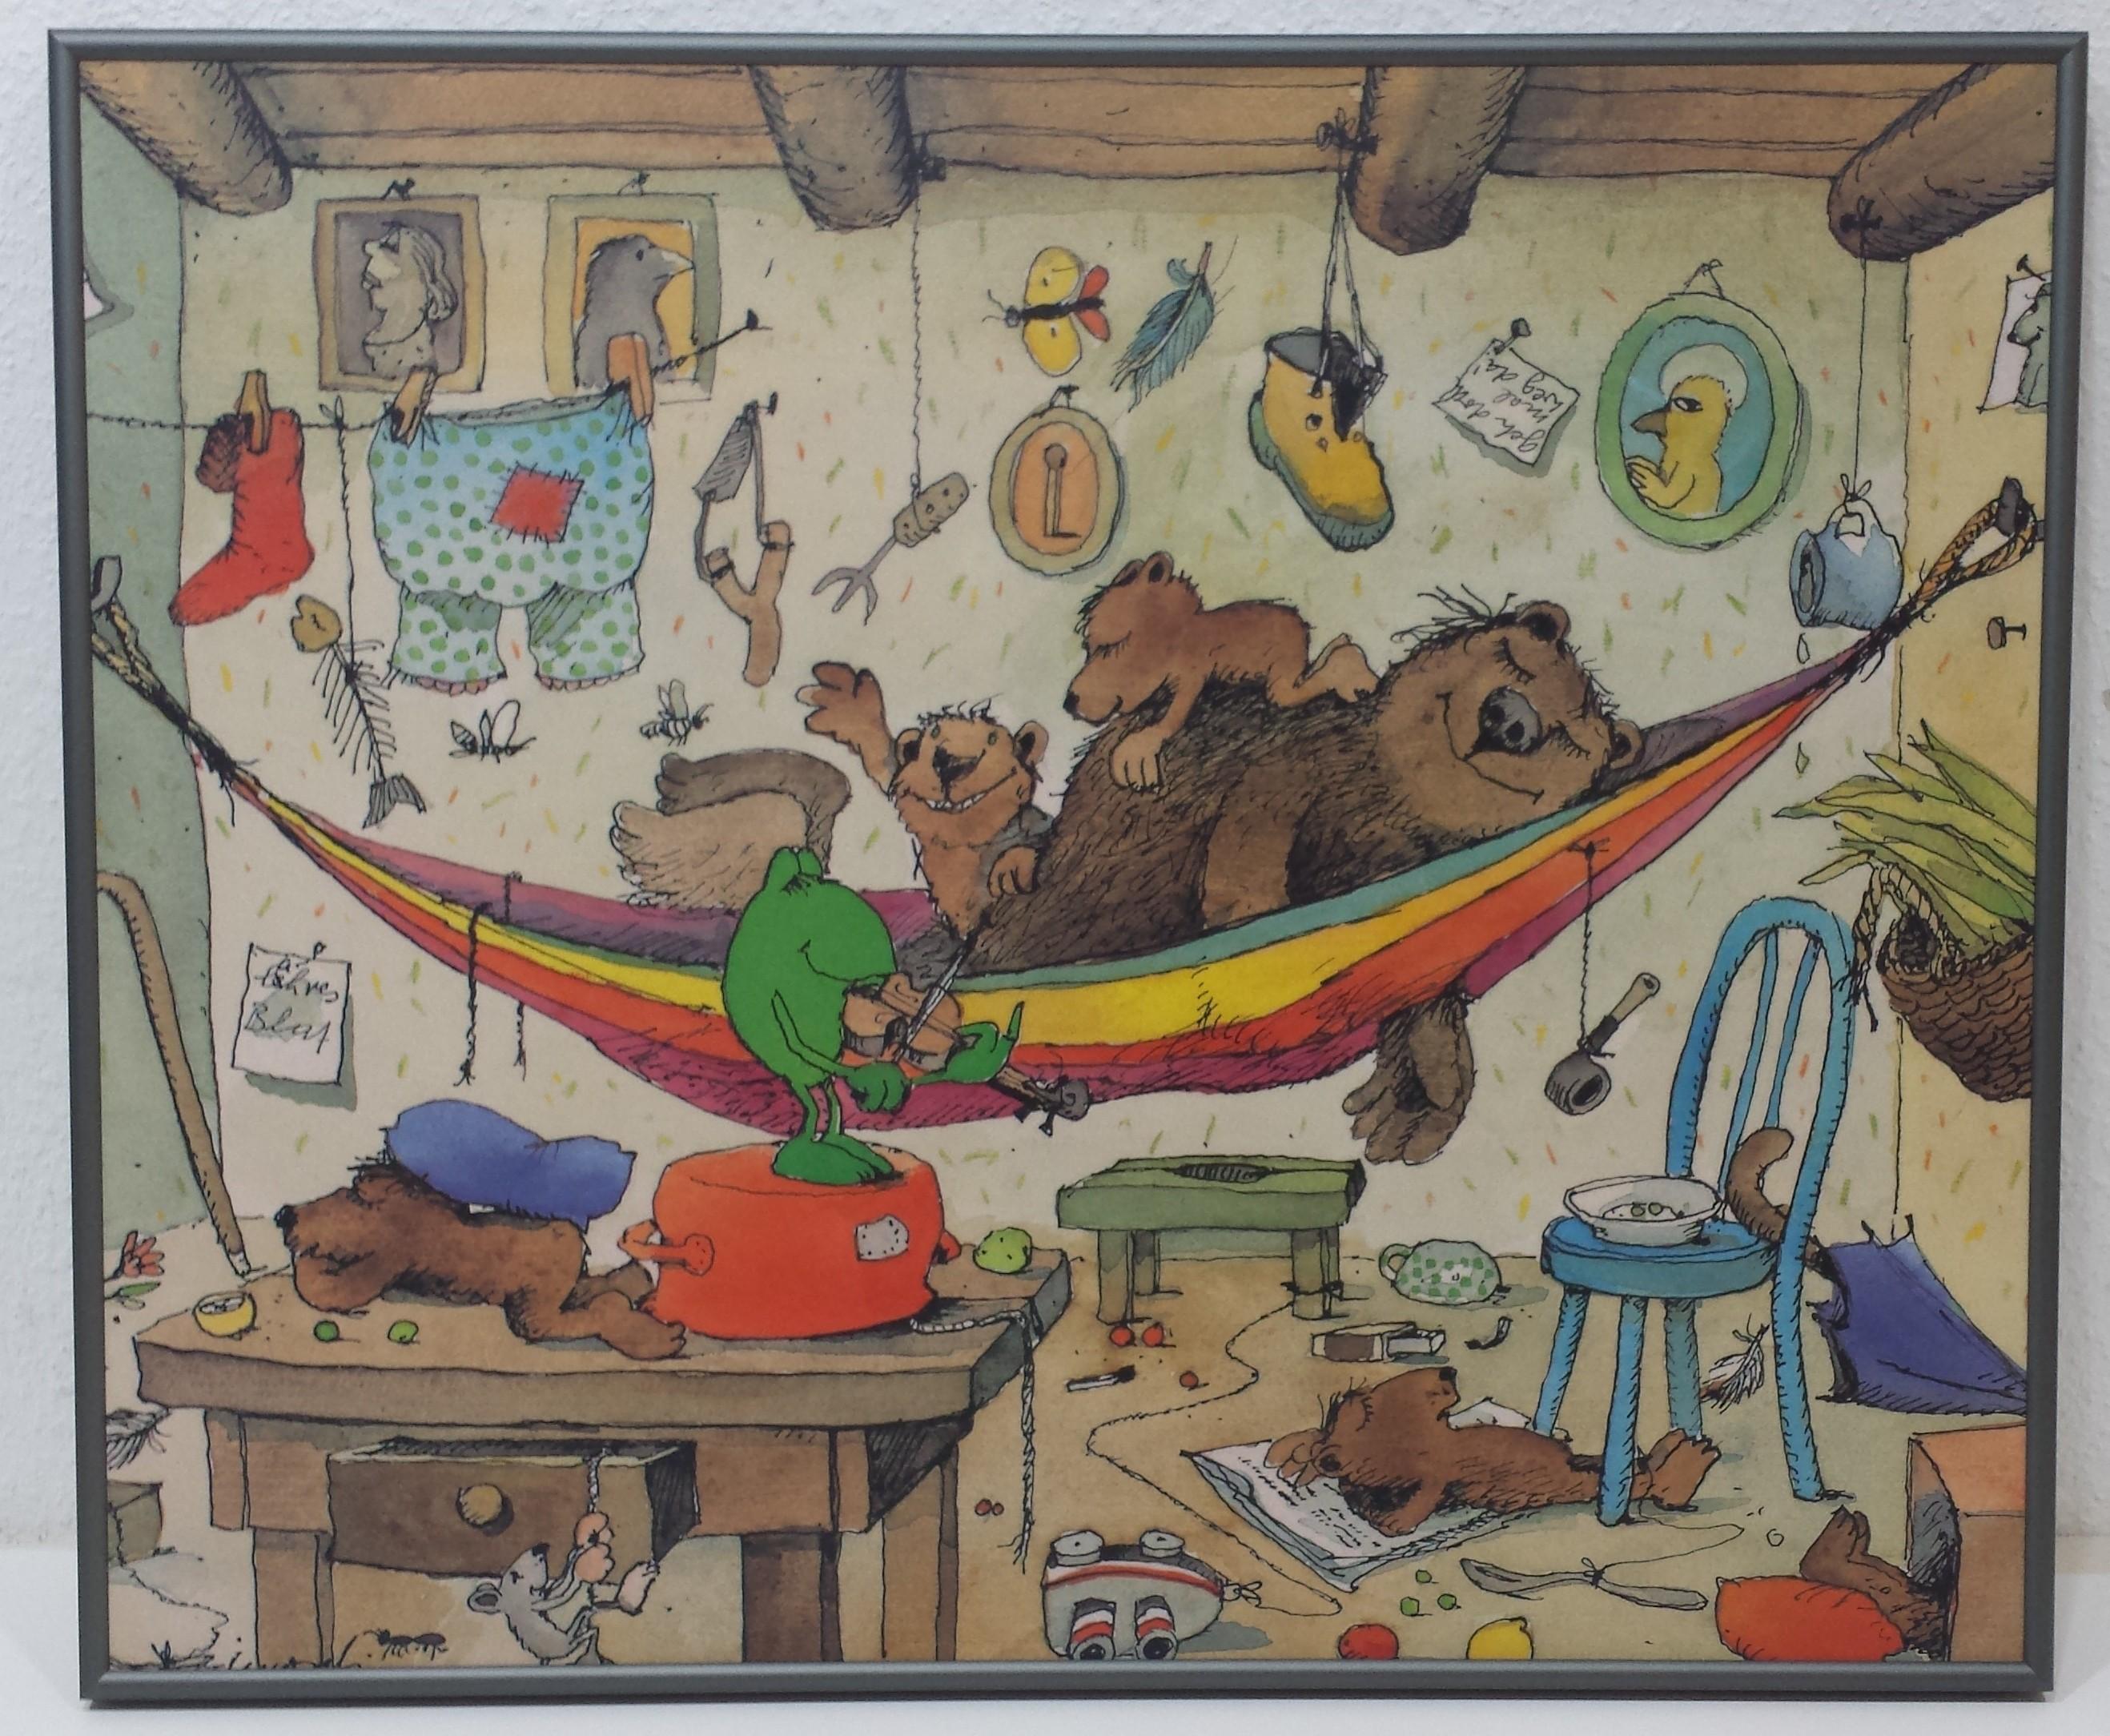 Gerahmtes Bild Aluminium platin matt mit Folie, Janosch - Bärenfamilie (Modern, Kinderwelten, Illustration, Zeichnung, Bär, Frosch, Familie, Hängematte, Wäsche, Chaos, Innenraum, Kinderzimmer, Treppenhaus, bunt)